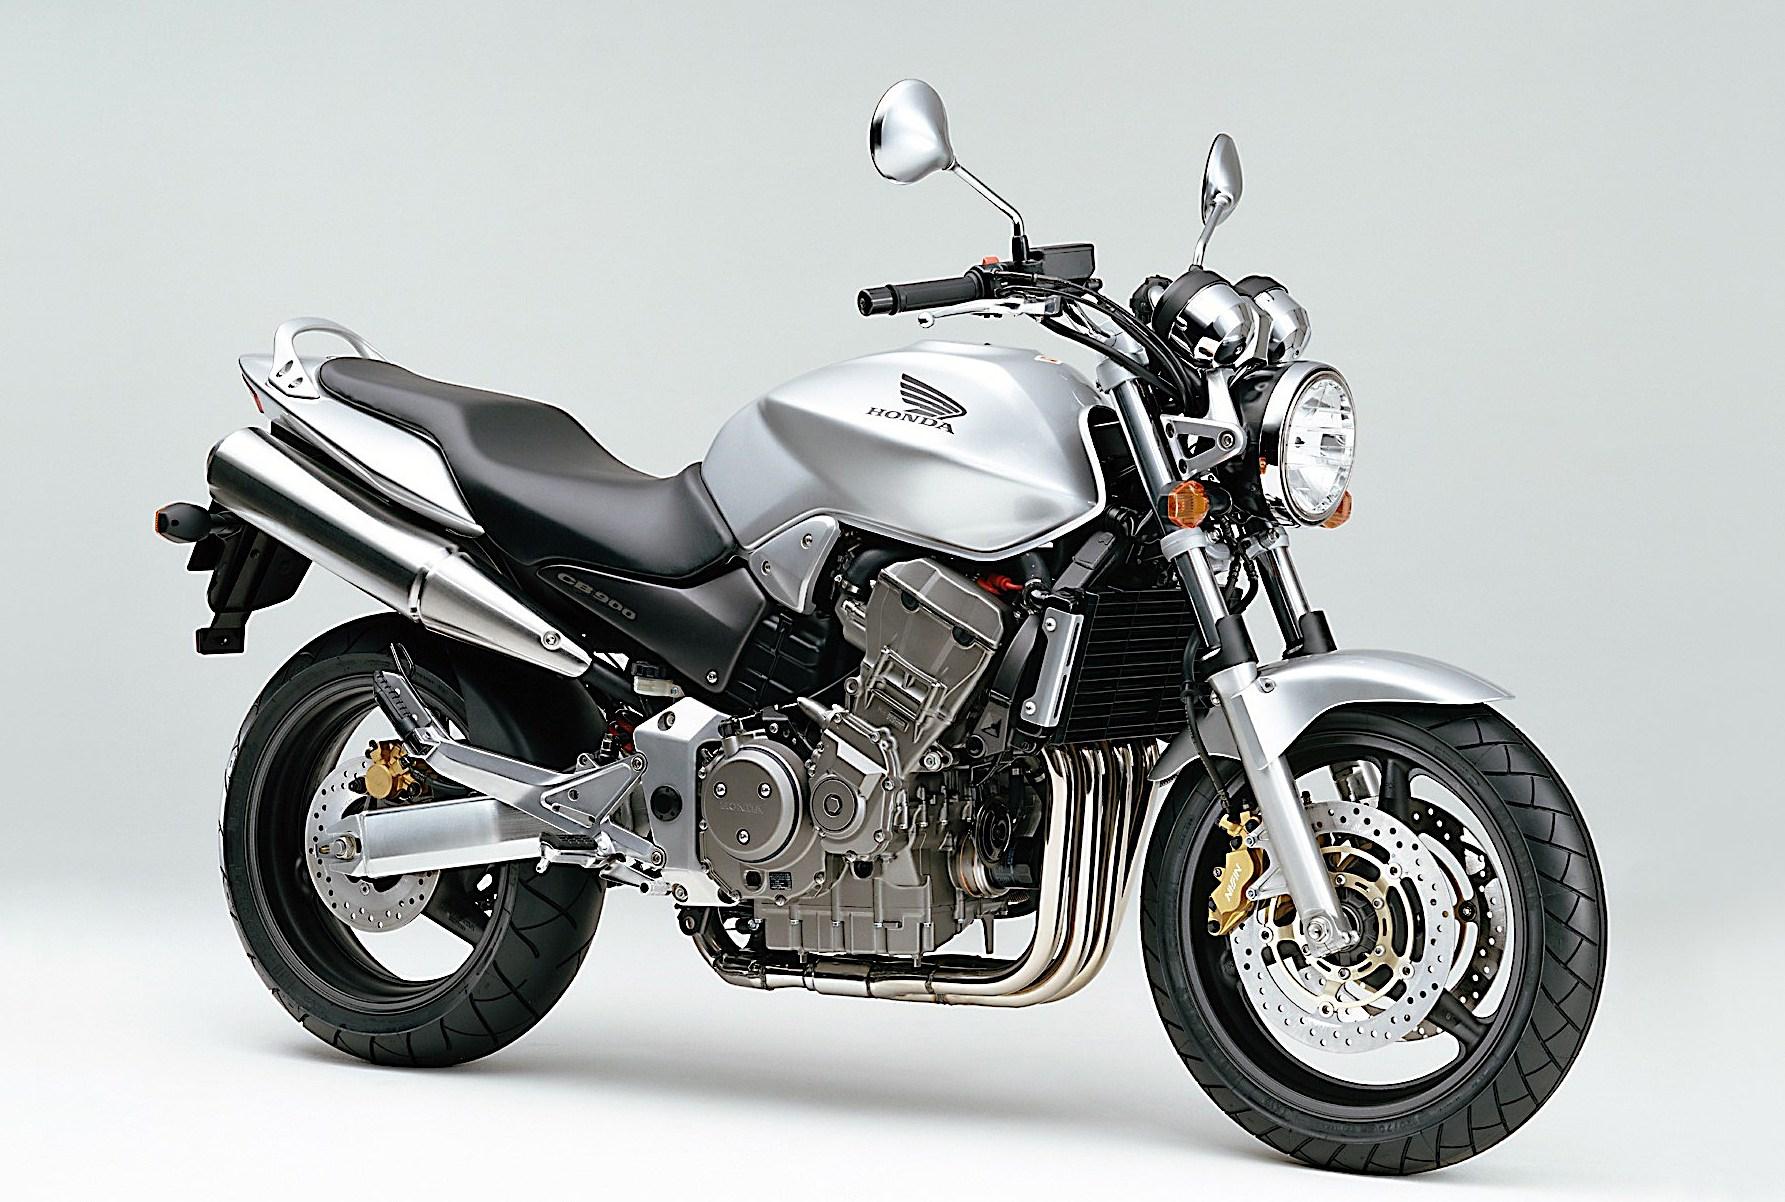 2001_Honda_CB900_Hornet_0.jpg